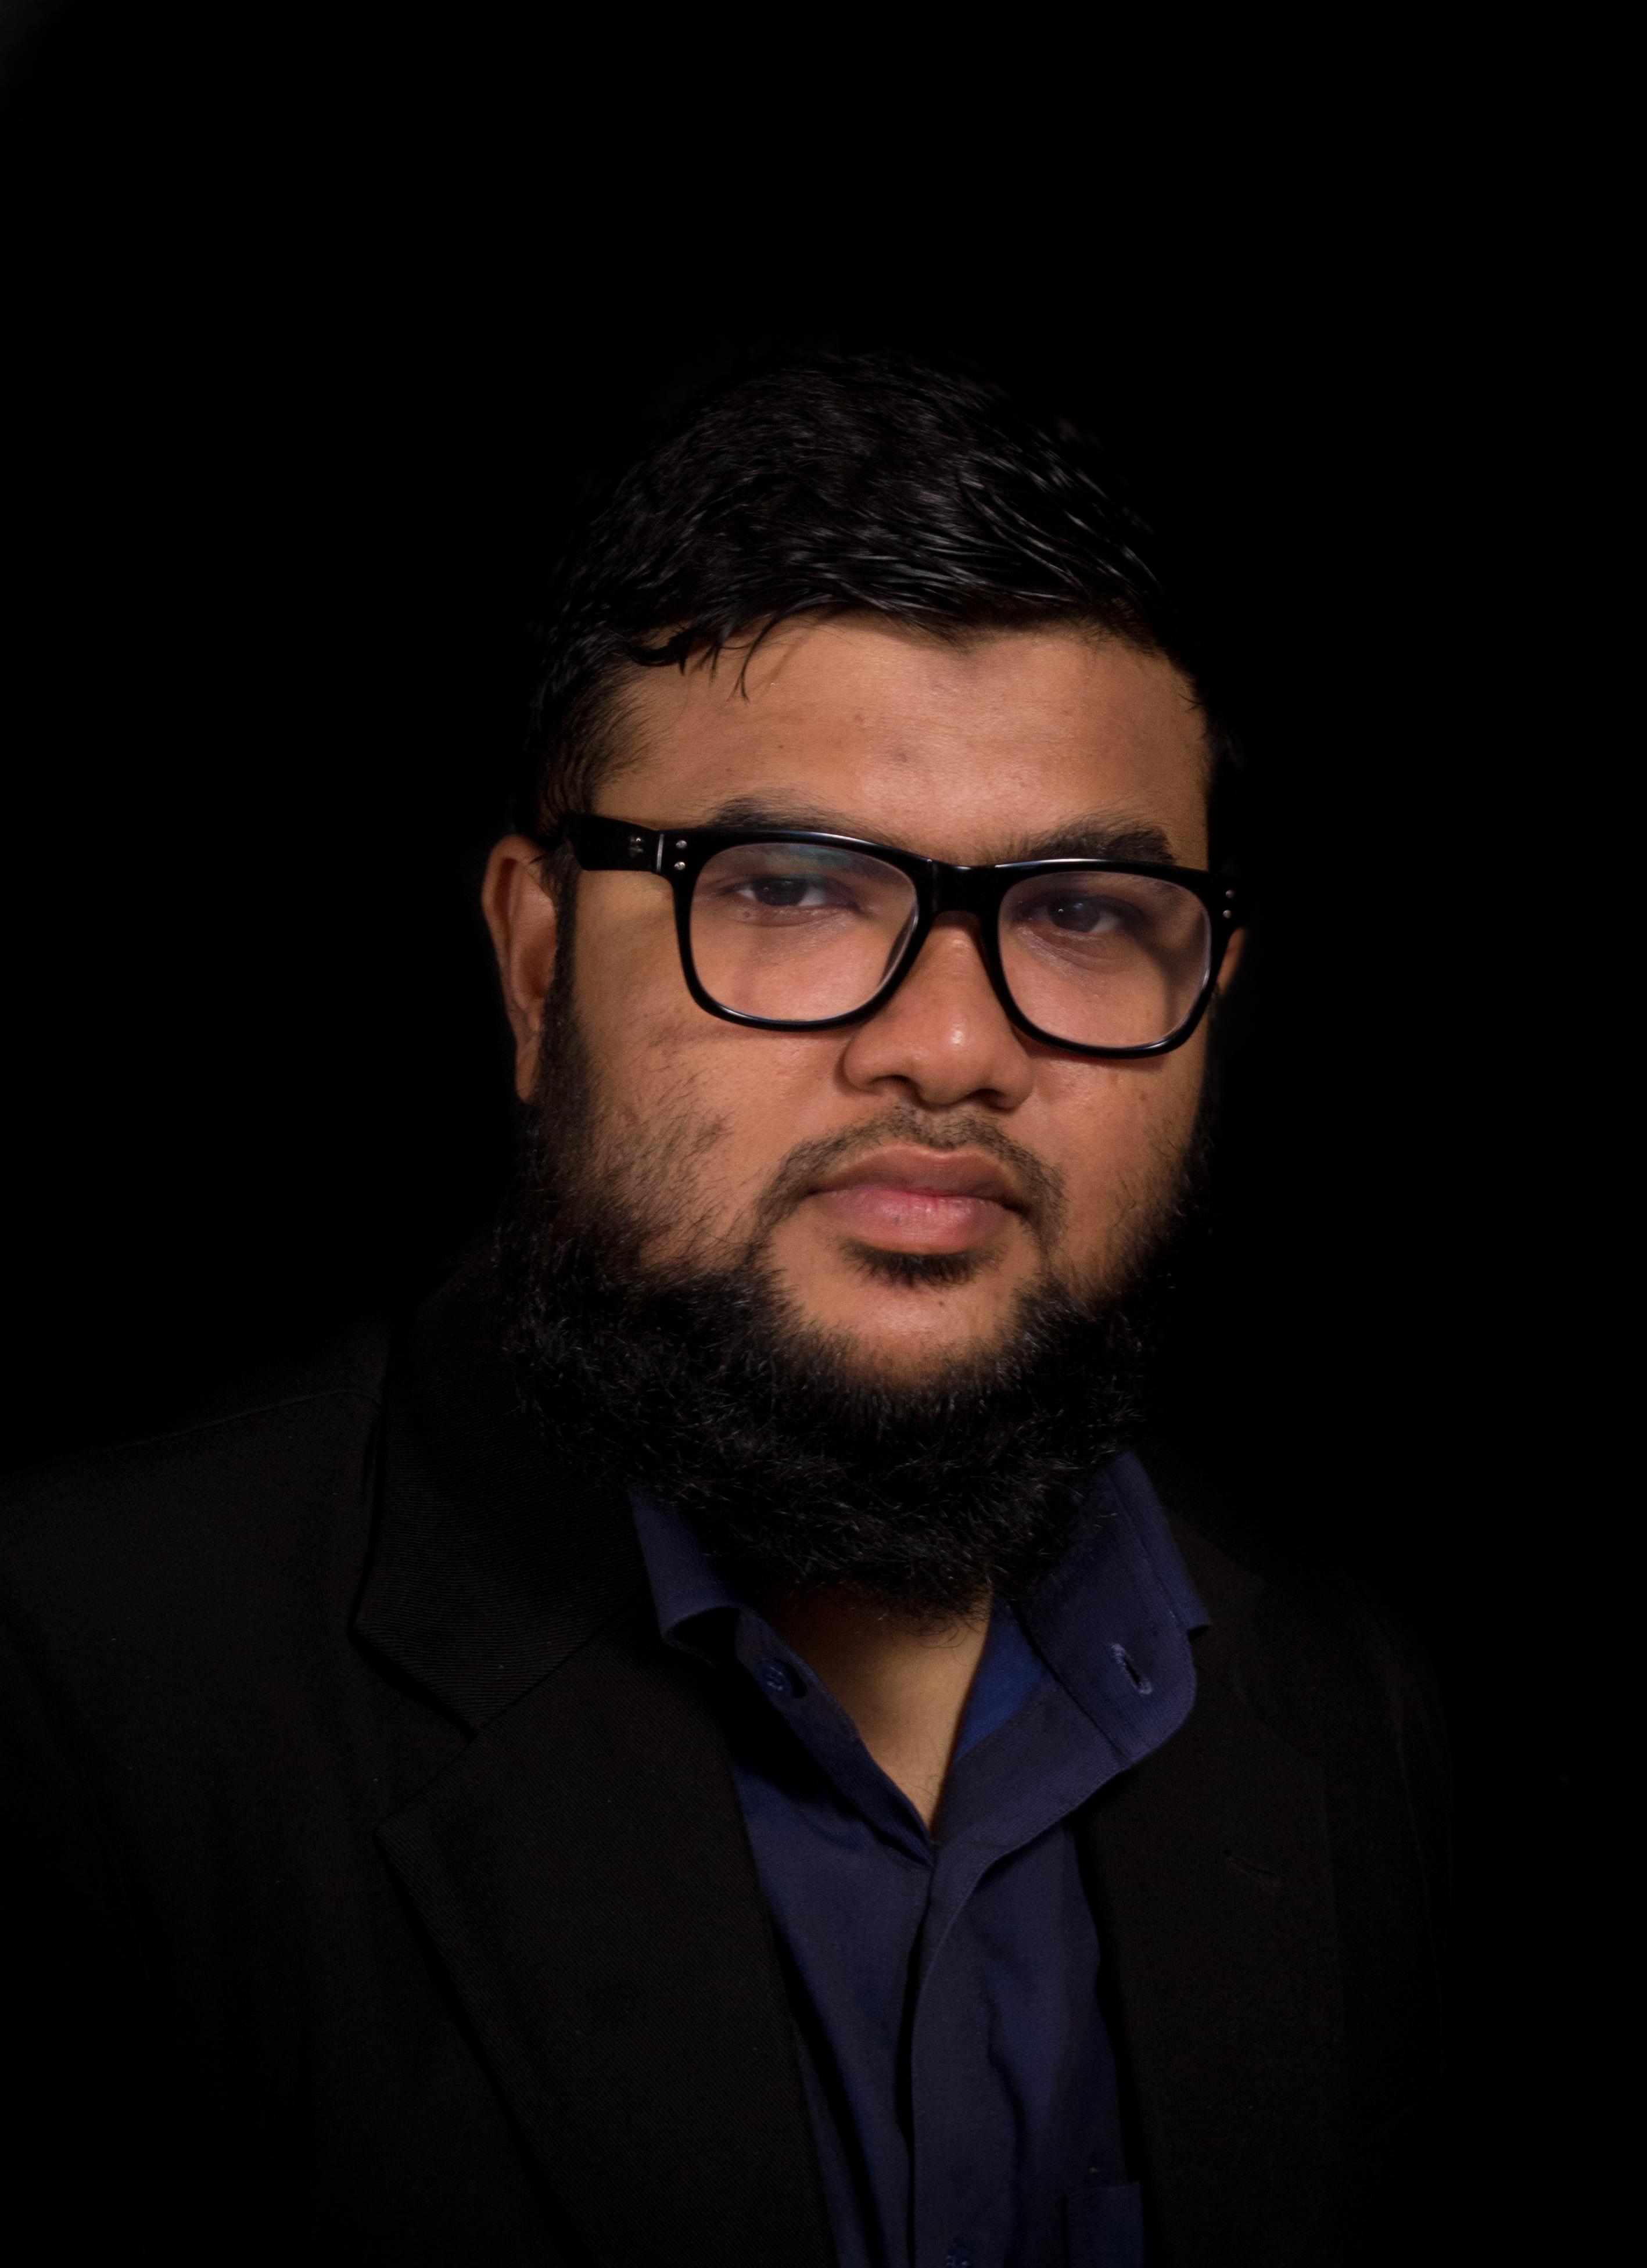 Mr. Md Safiqur Rahaman Shishir